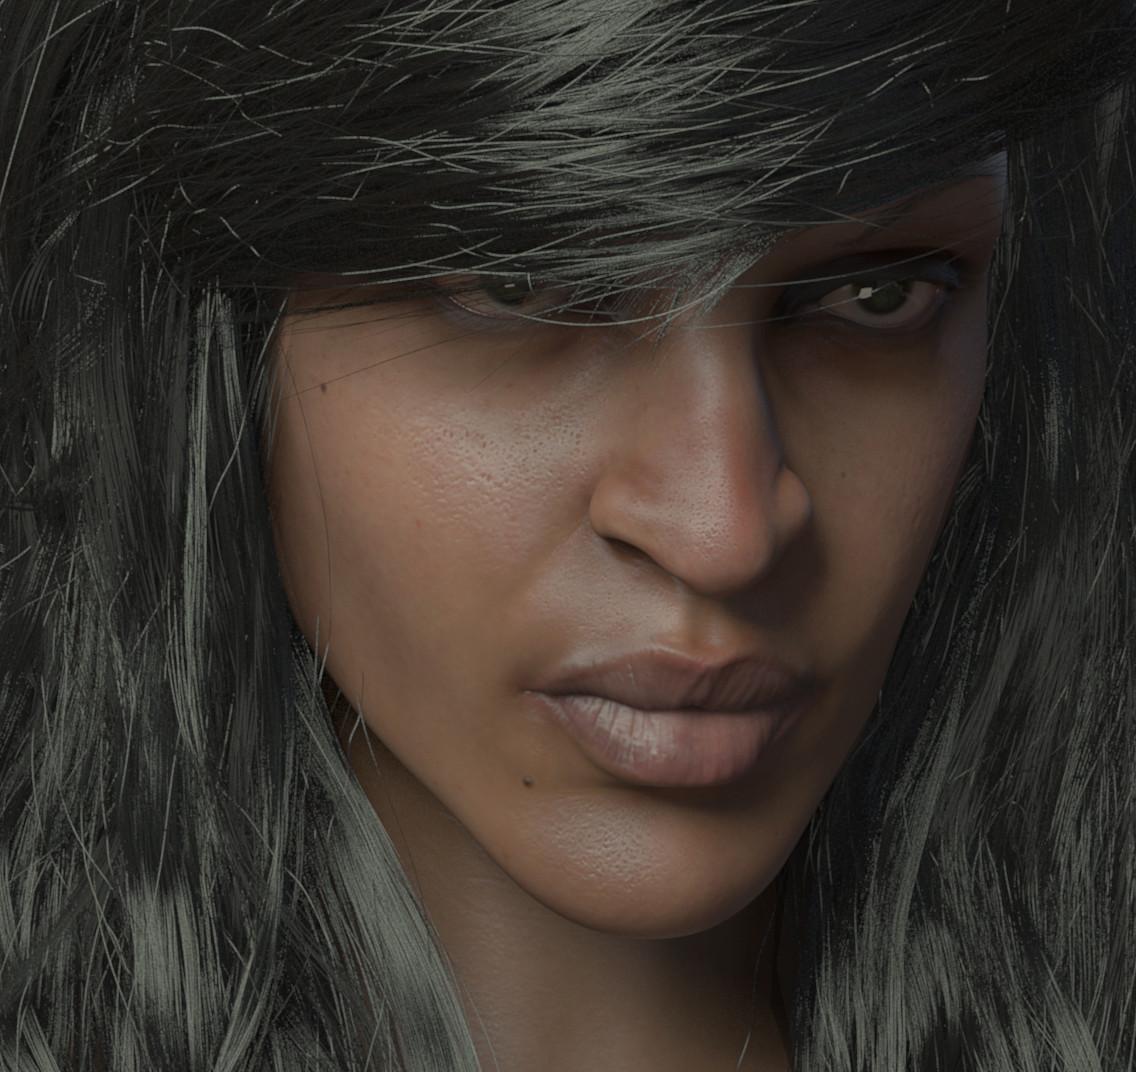 Woman test - 2015